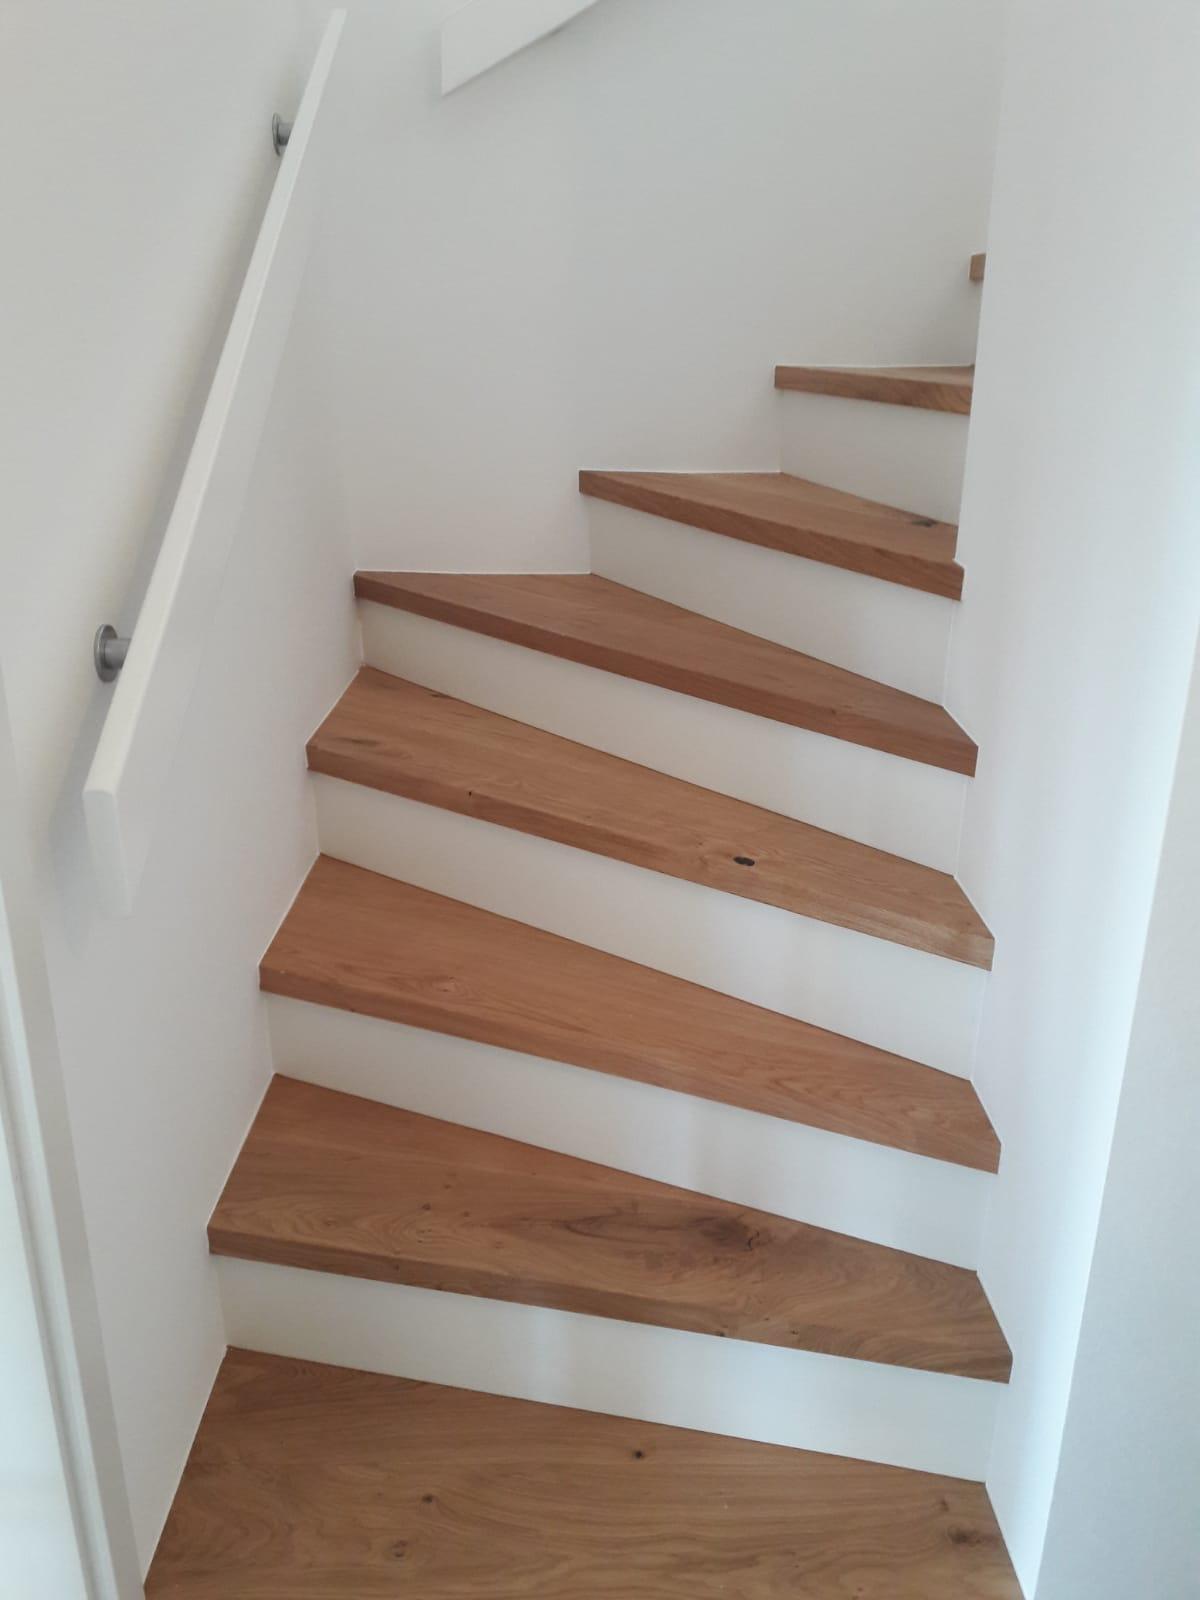 Treppe und Boden belegt mit Fertigparkett Eiche Landhausdiele, geölt